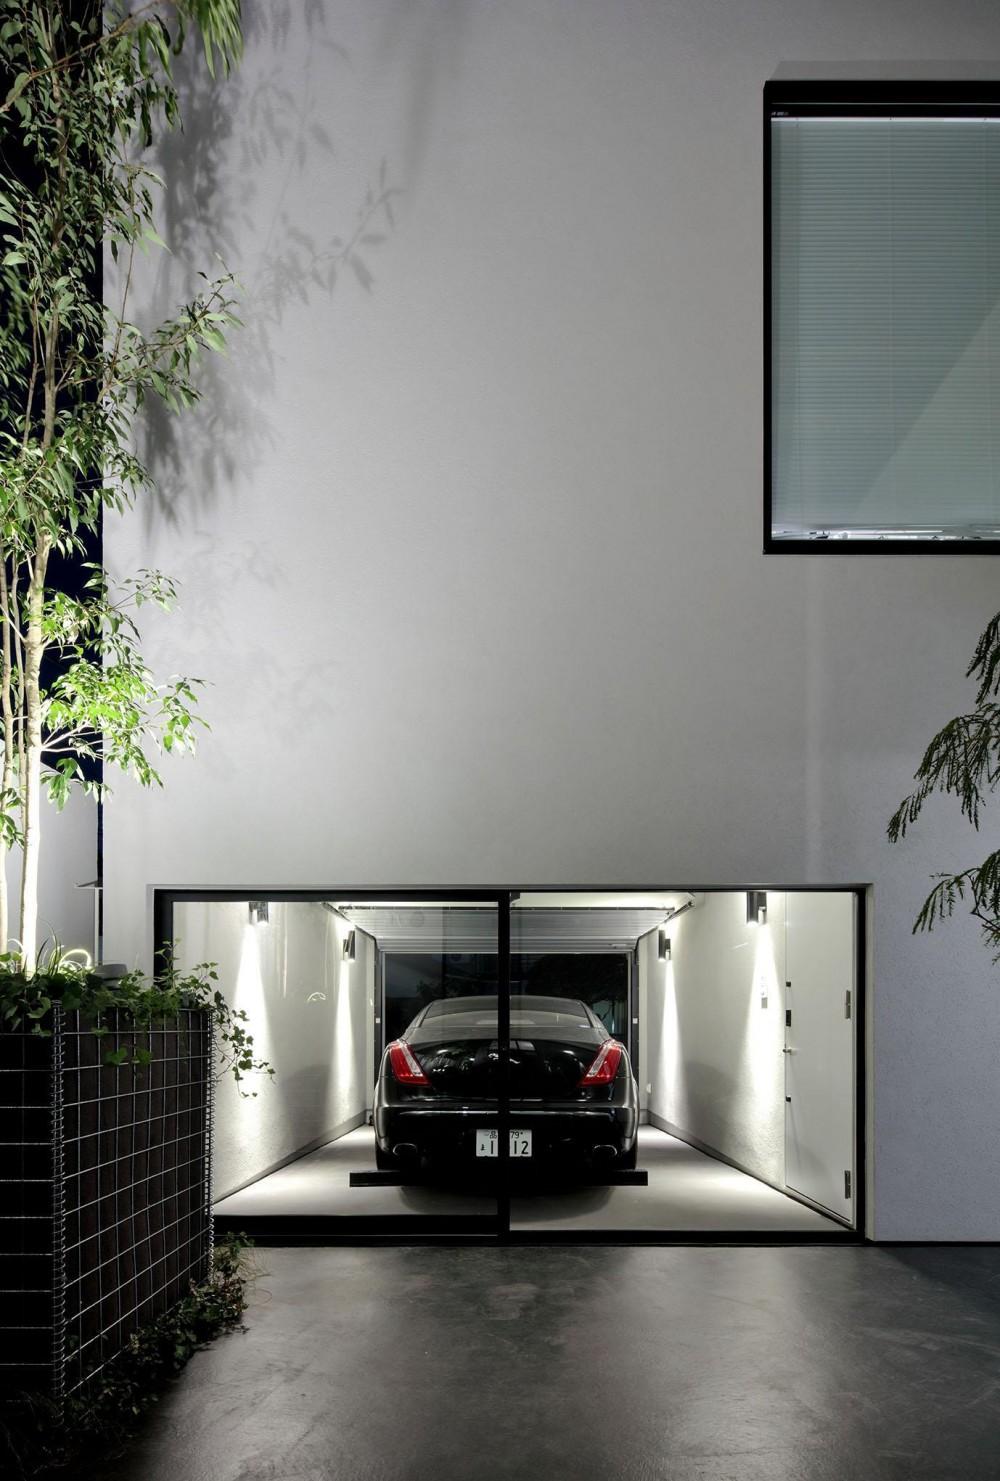 浜田山の家-ギャラリースタイルの家、ミニマリズムの調べ- (中庭からガレージを見る)